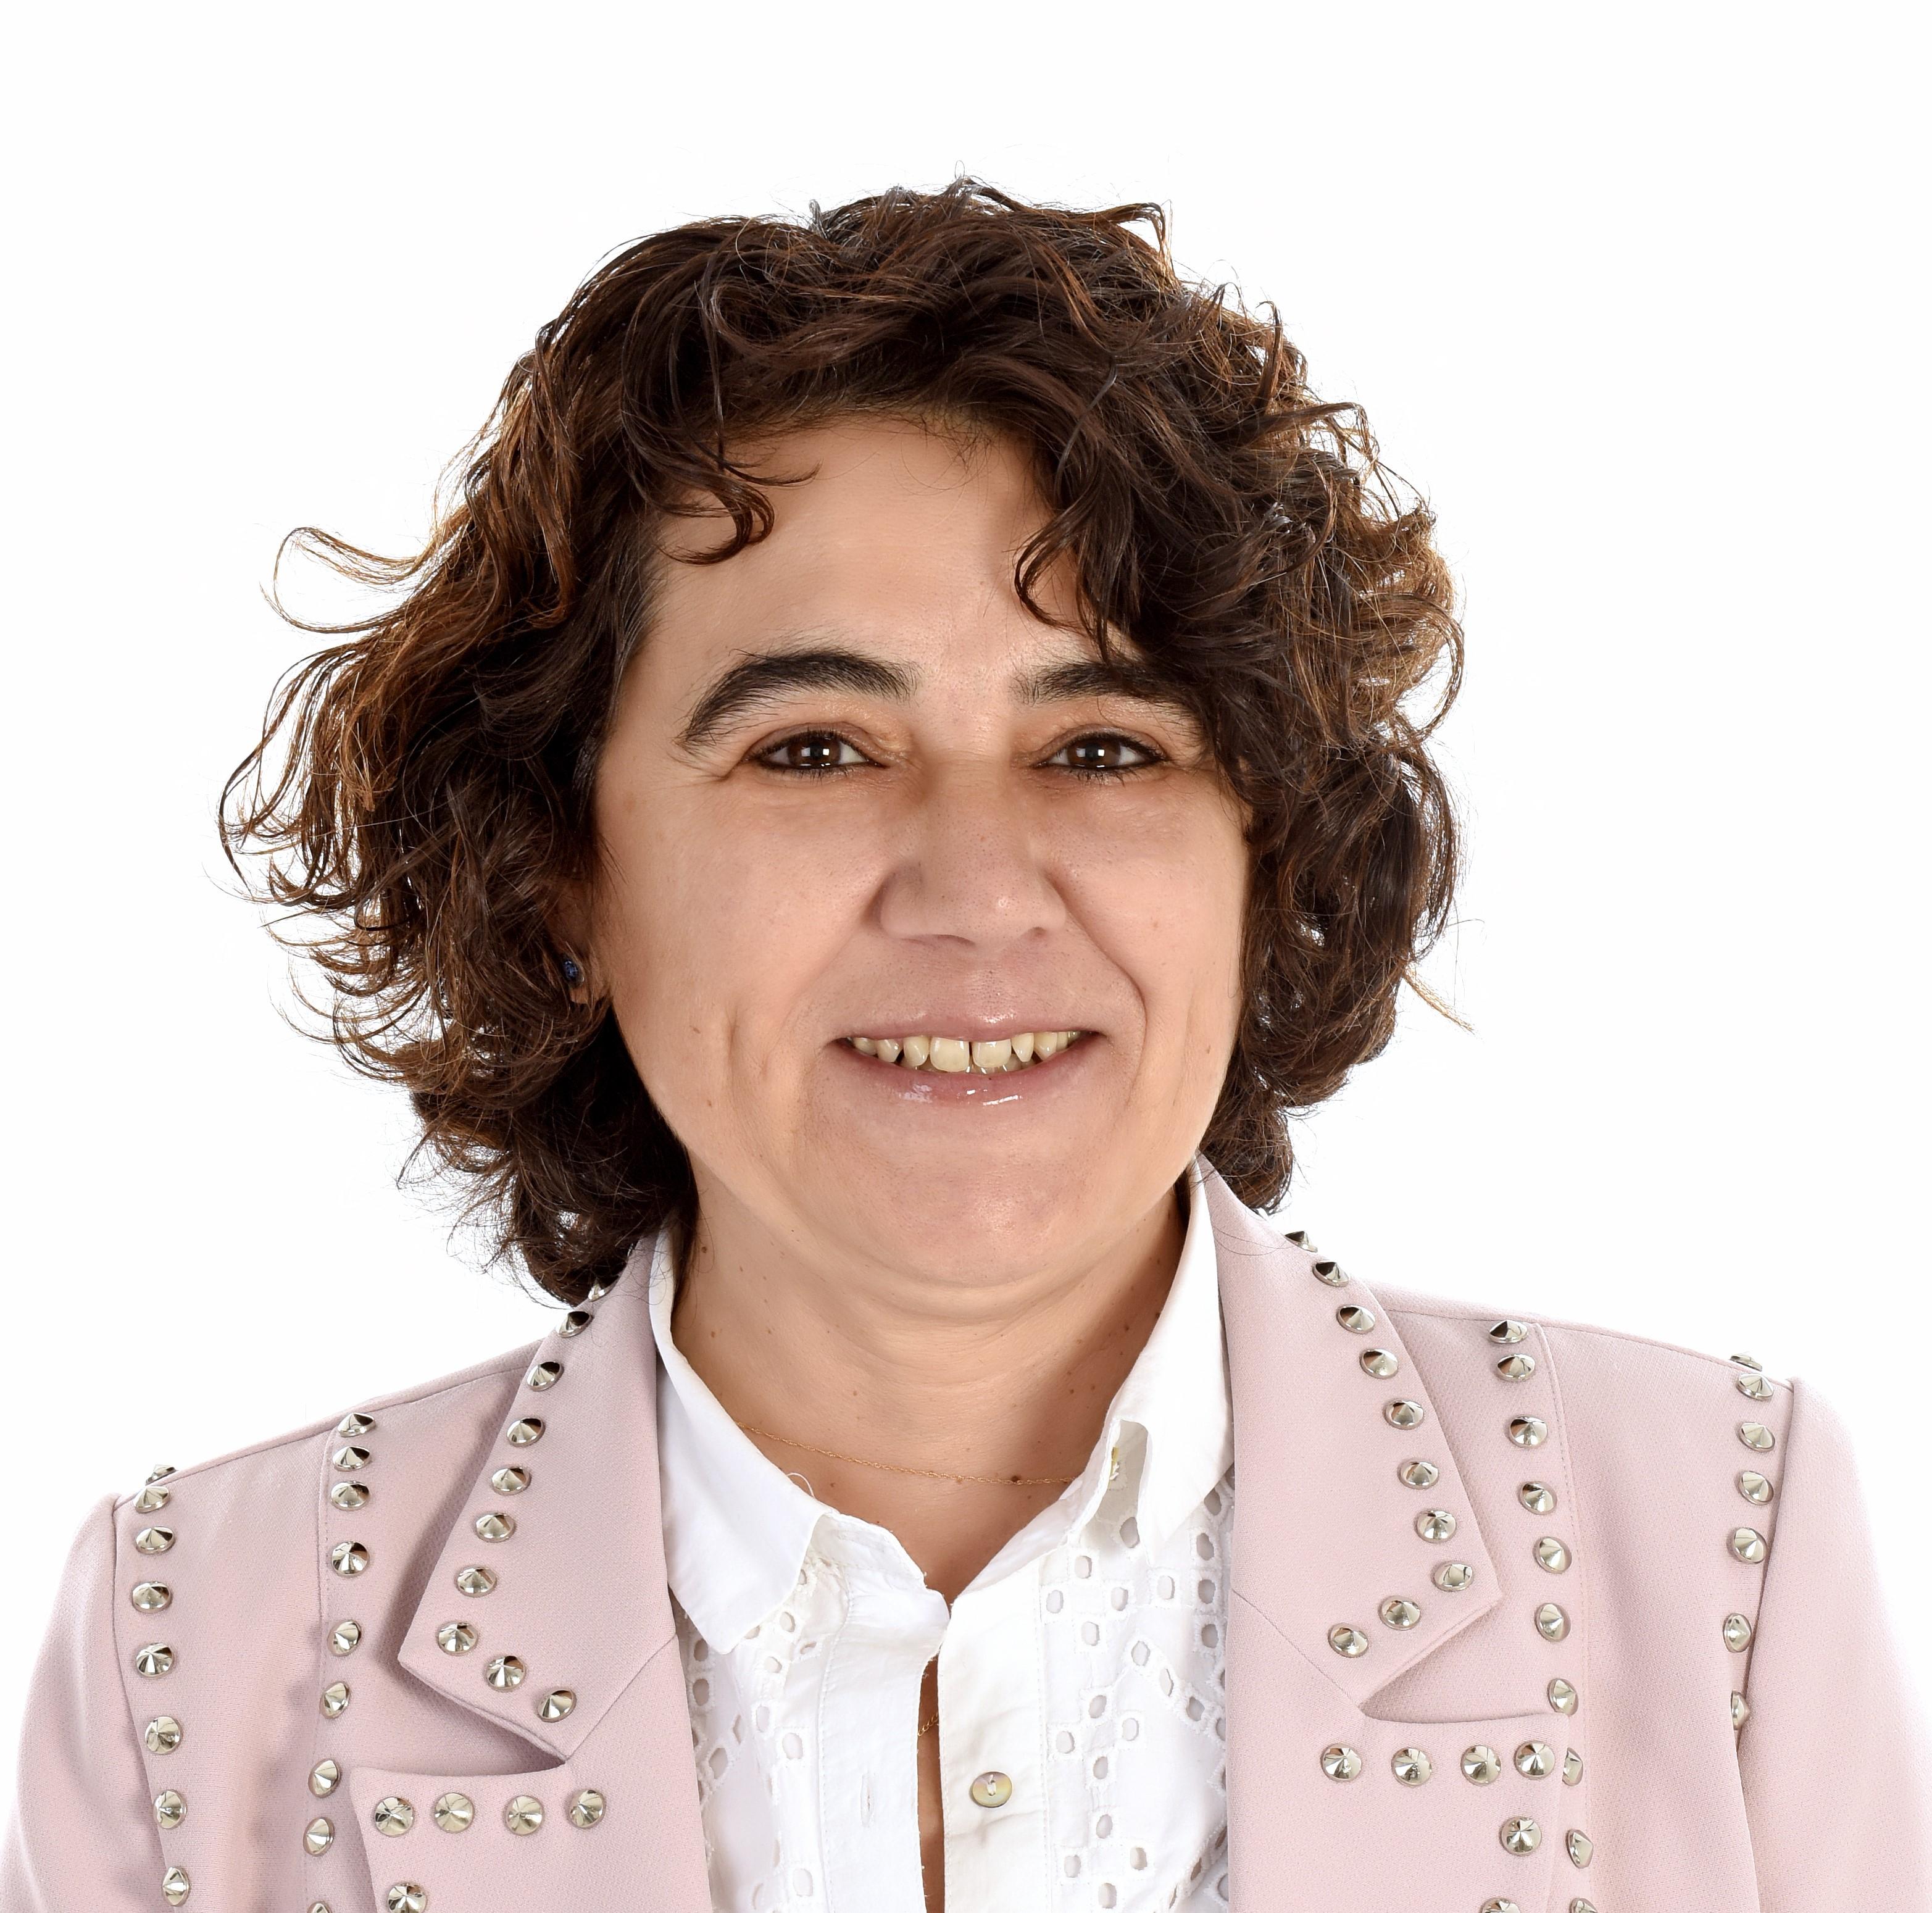 María Belén Gonzalez Mantecón